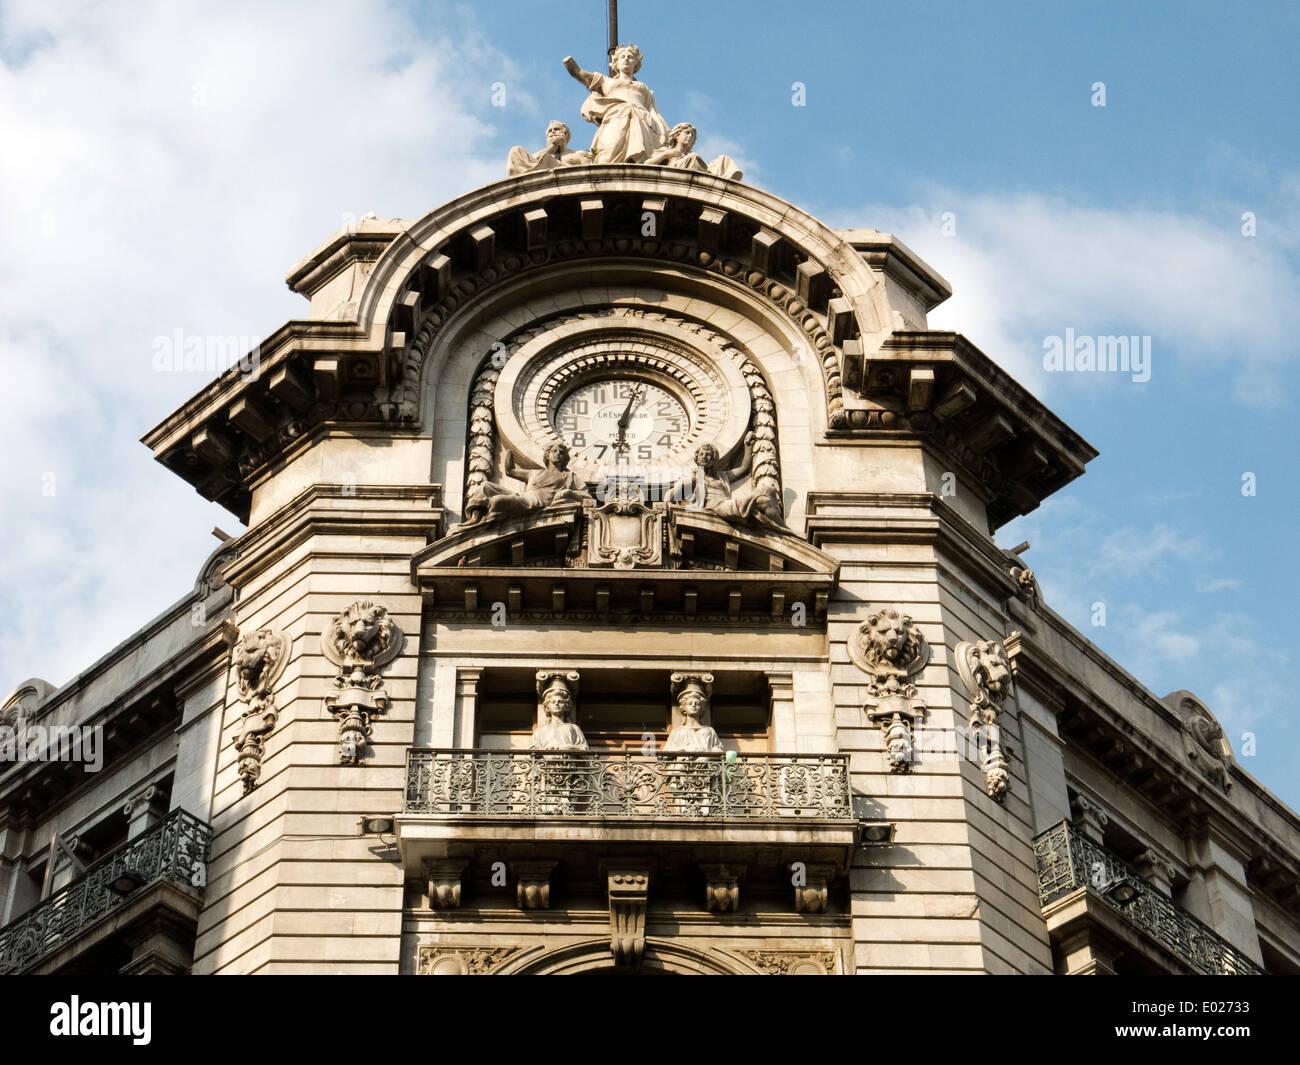 Il vecchio edificio e il suo orologio nel centro cittadino di Città del Messico Immagini Stock